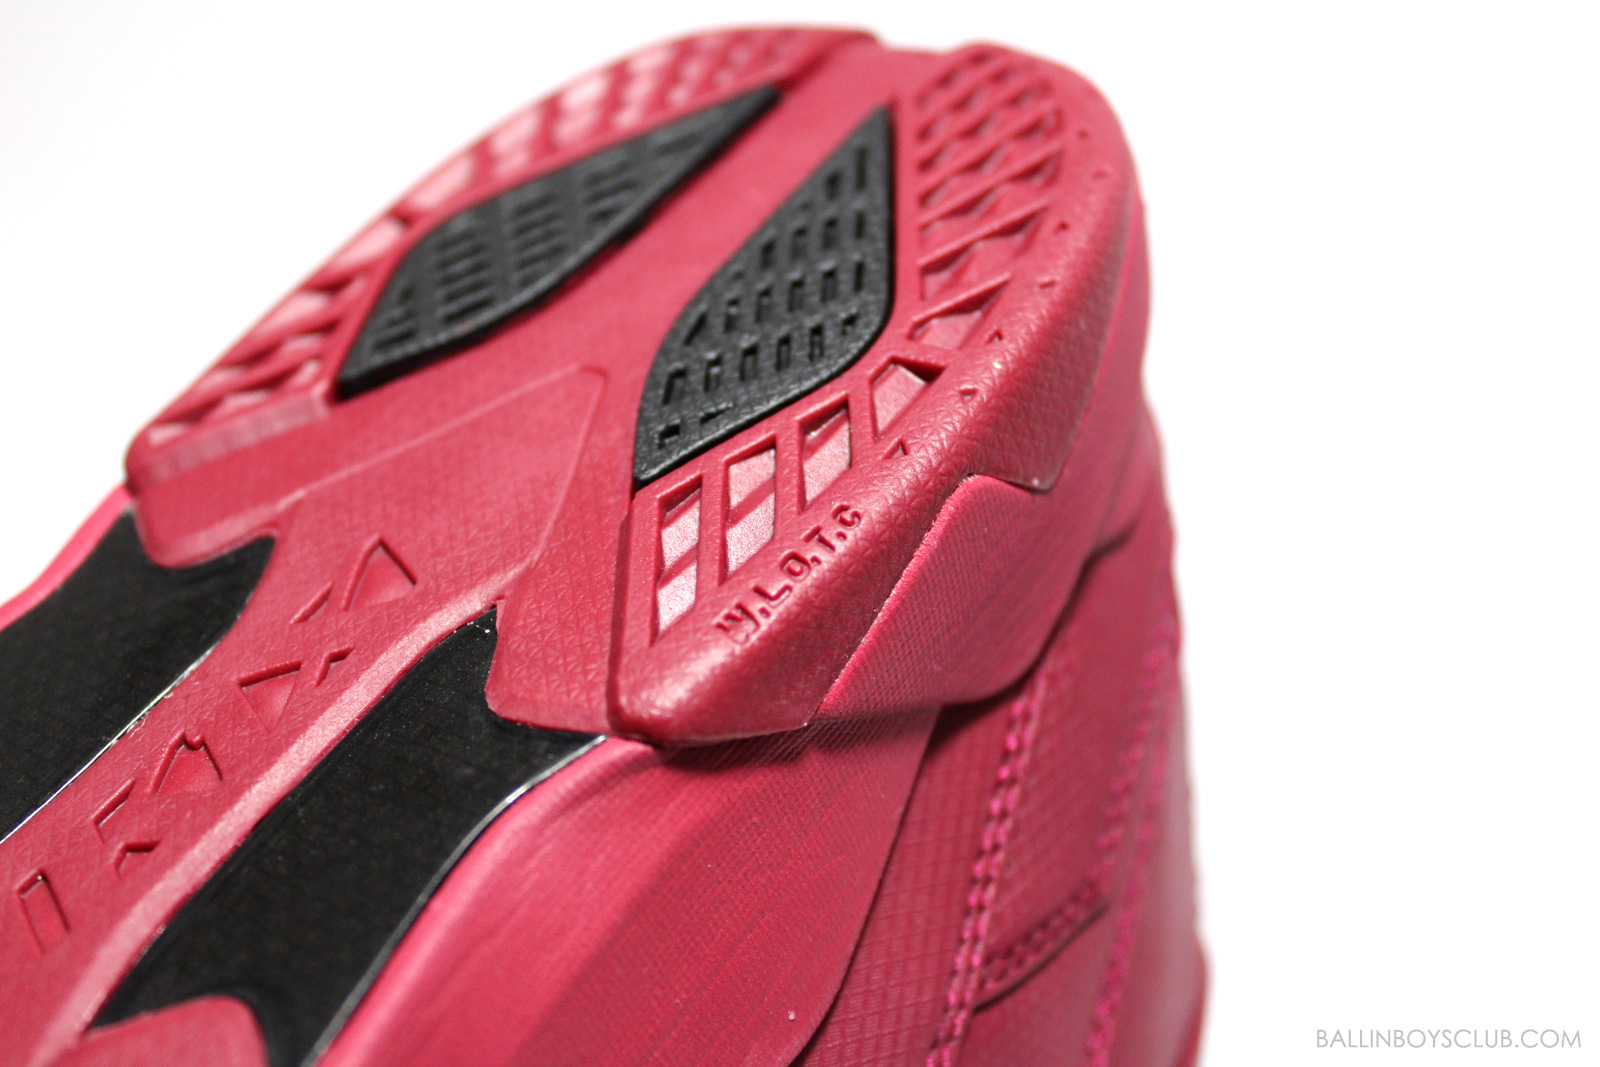 鞋底後段的W.L.O.T.C避震系統